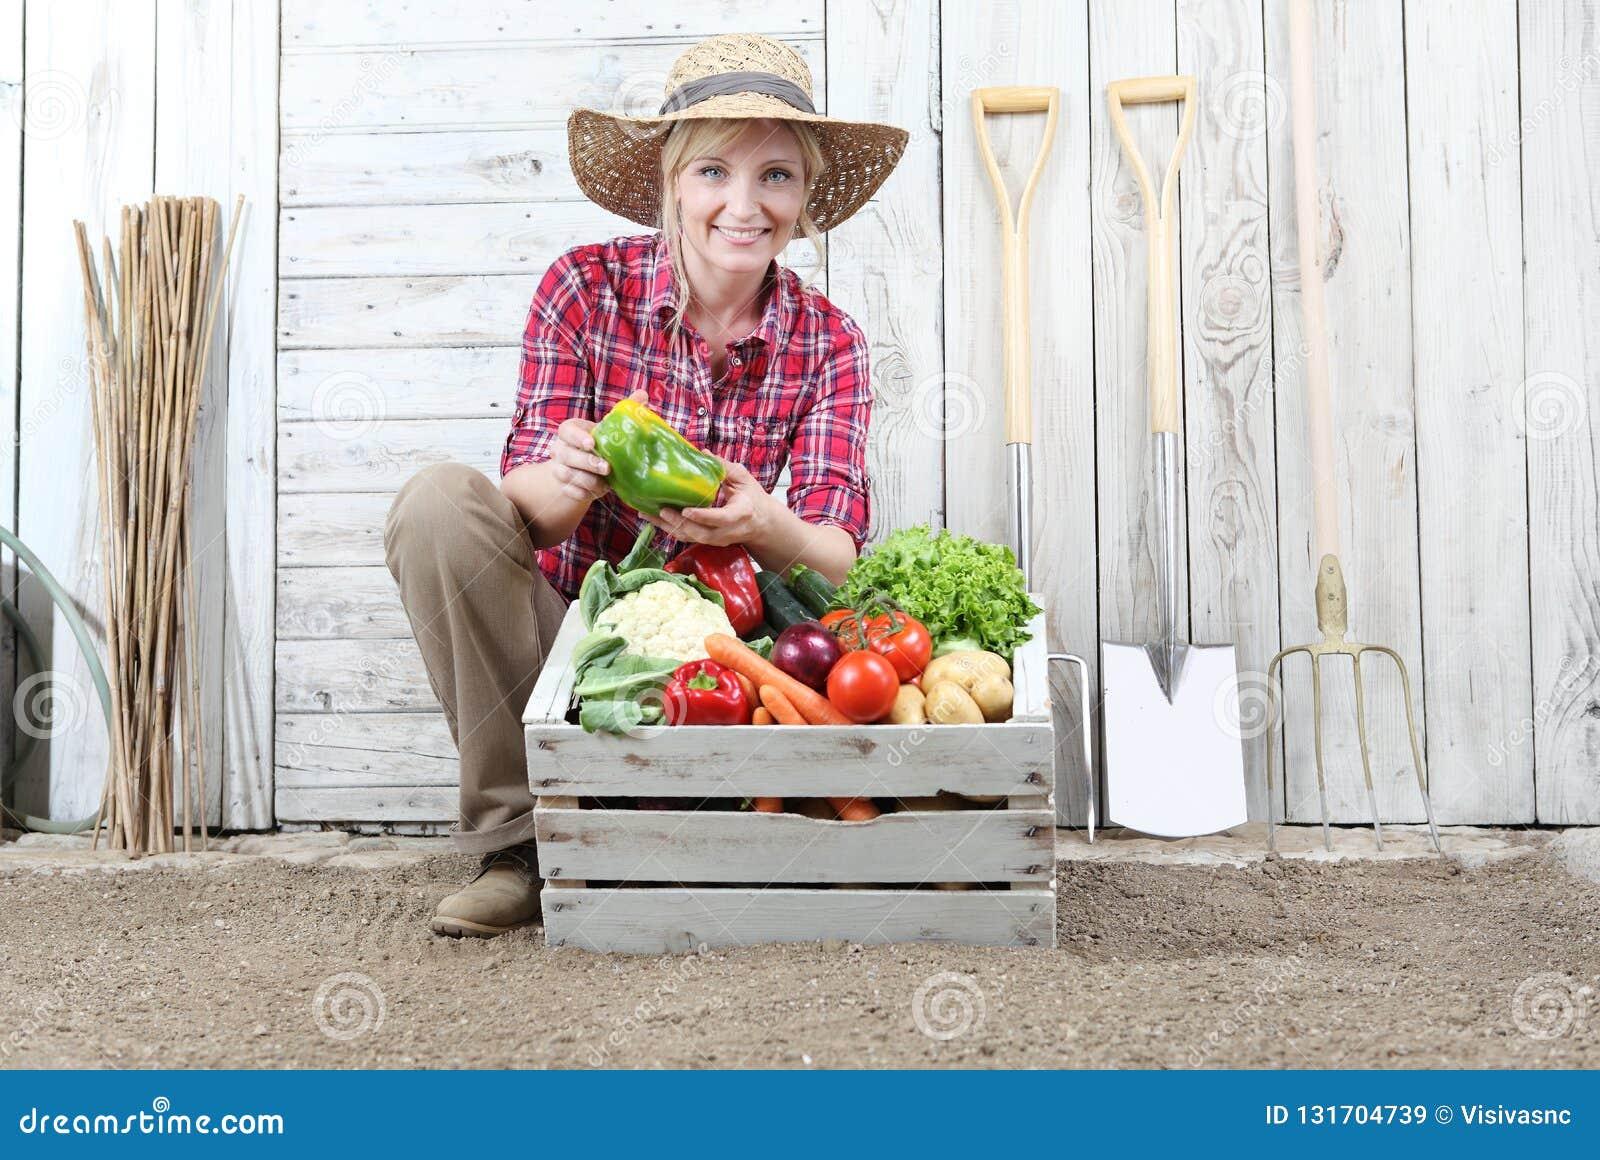 Lächelnde Frau im Gemüsegarten mit Holzkiste voll Gemüse auf weißem Wandhintergrund mit Werkzeugen